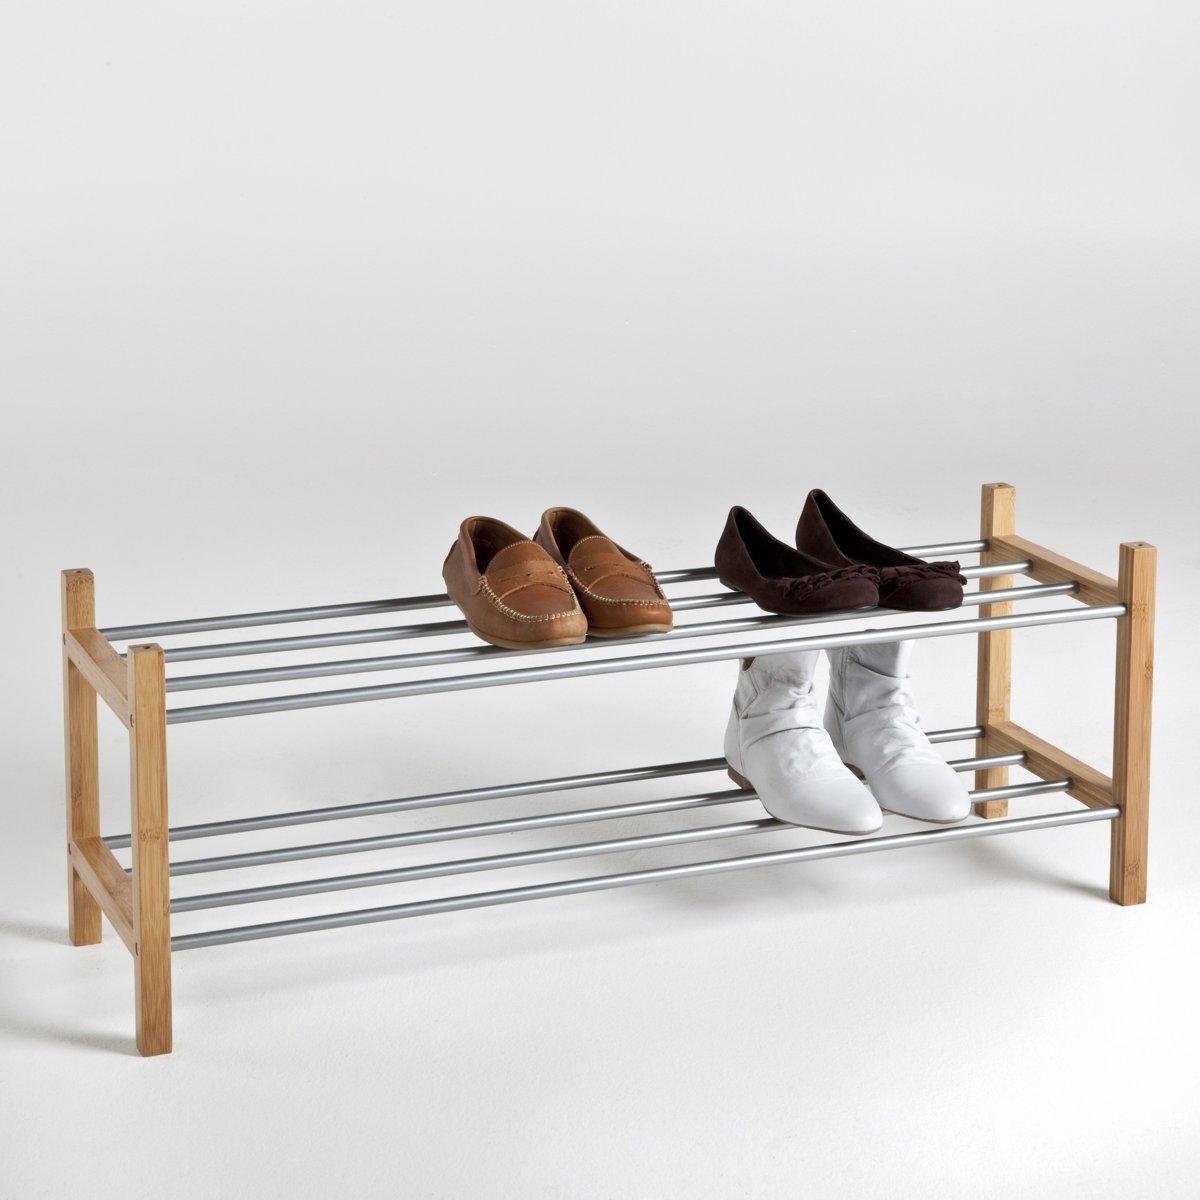 Стеллаж для обуви из металла и бамбука, BAMBOO